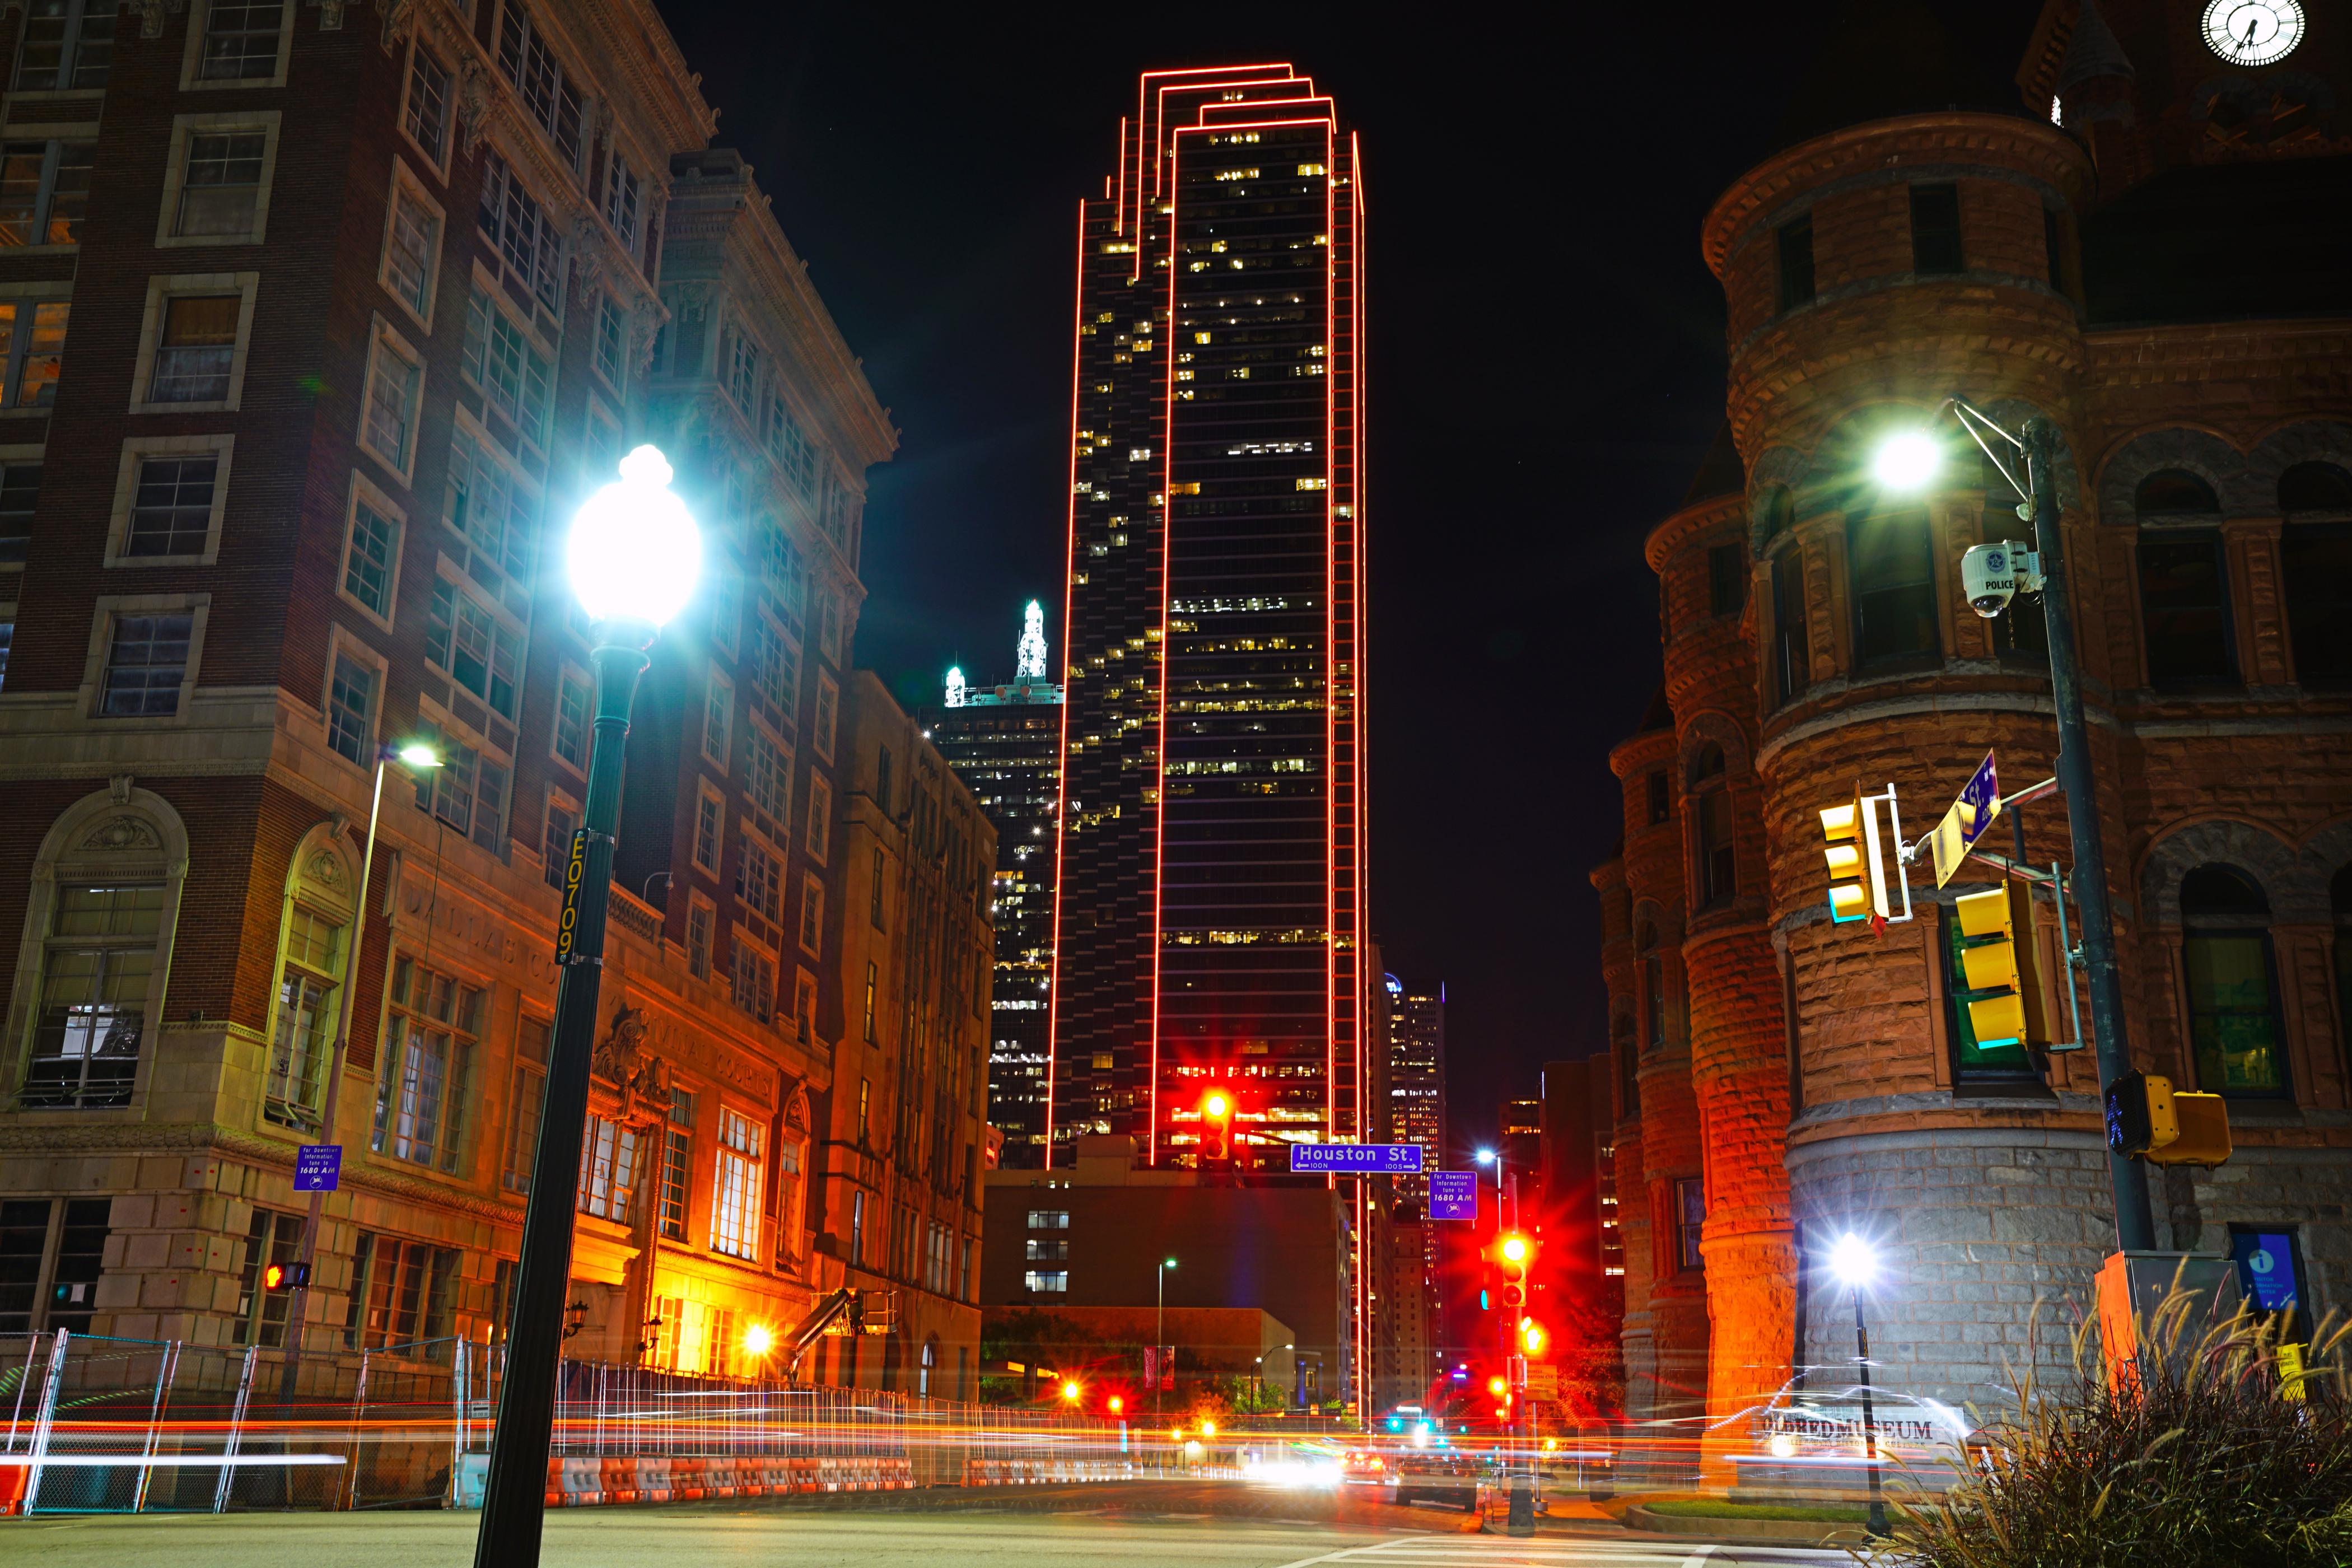 Фотография США Dallas Улица Ночь Уличные фонари Дома Города 4200x2800 штаты улиц улице ночью в ночи Ночные Здания